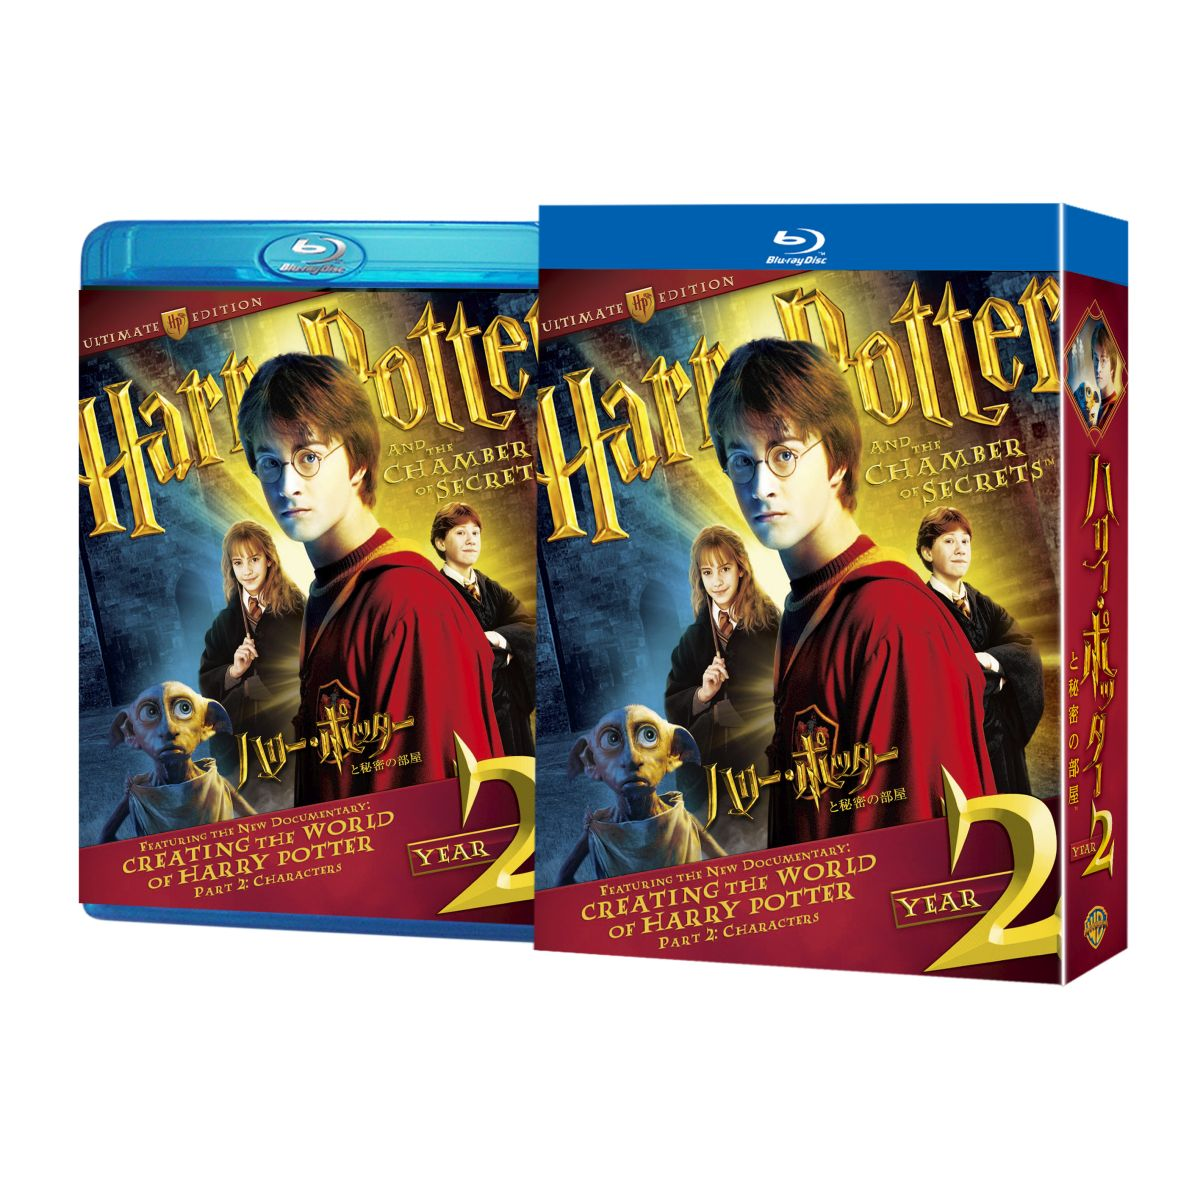 ハリー・ポッターと秘密の部屋 コレクターズ・エディション(3枚組)【Blu-ray】